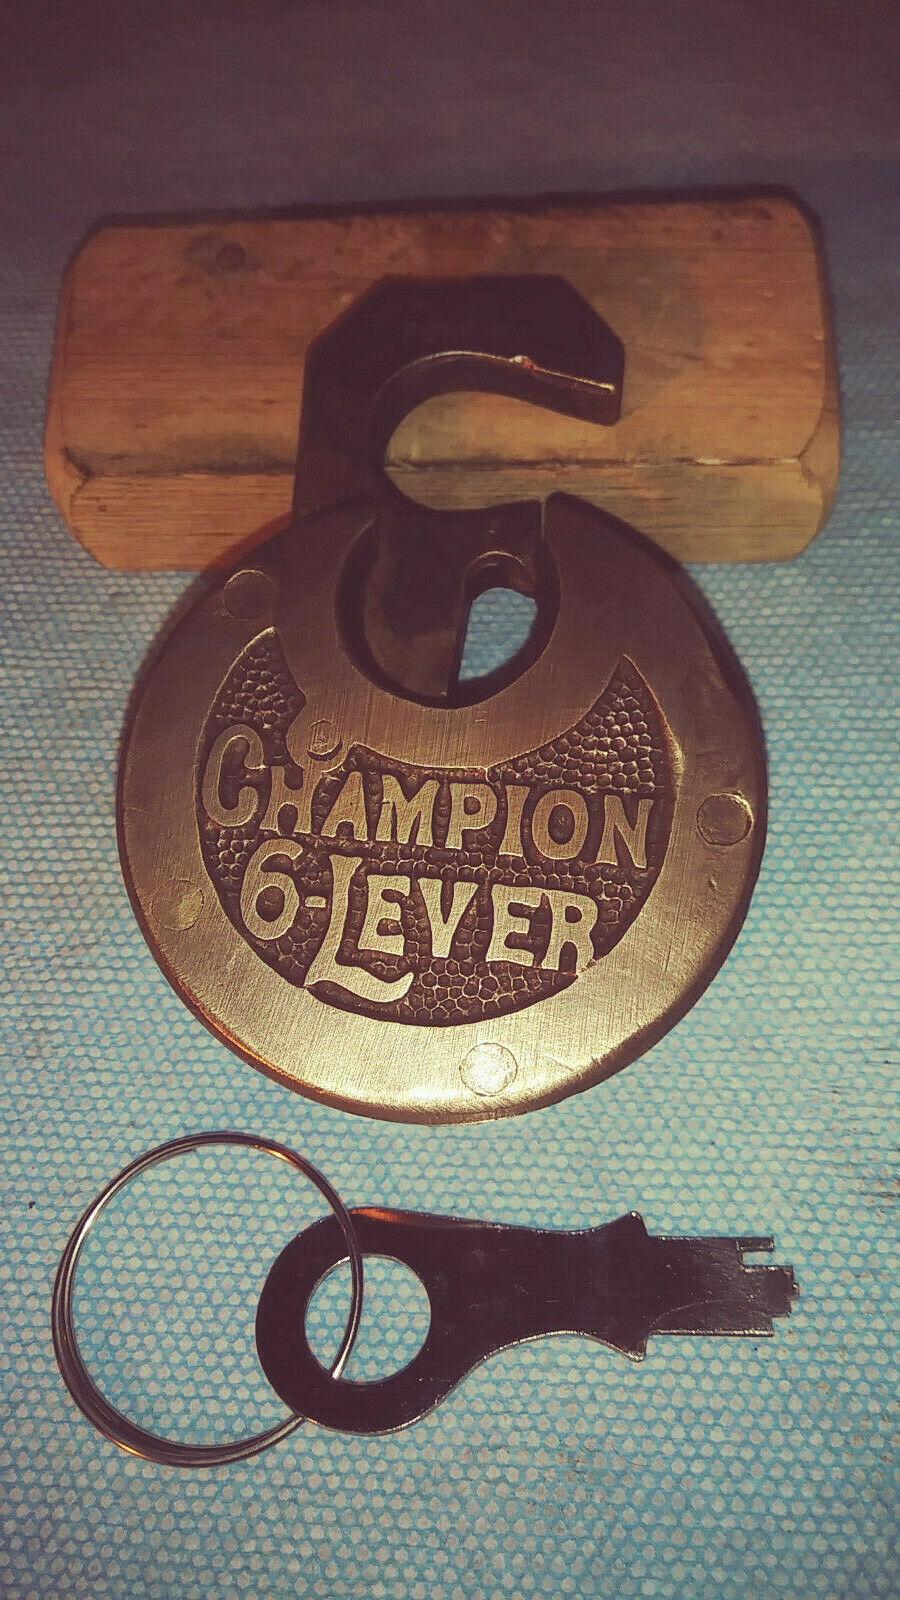 Antique/vintage Miller Champion Push Key Pancake Padlock W/key 84 - $41.95